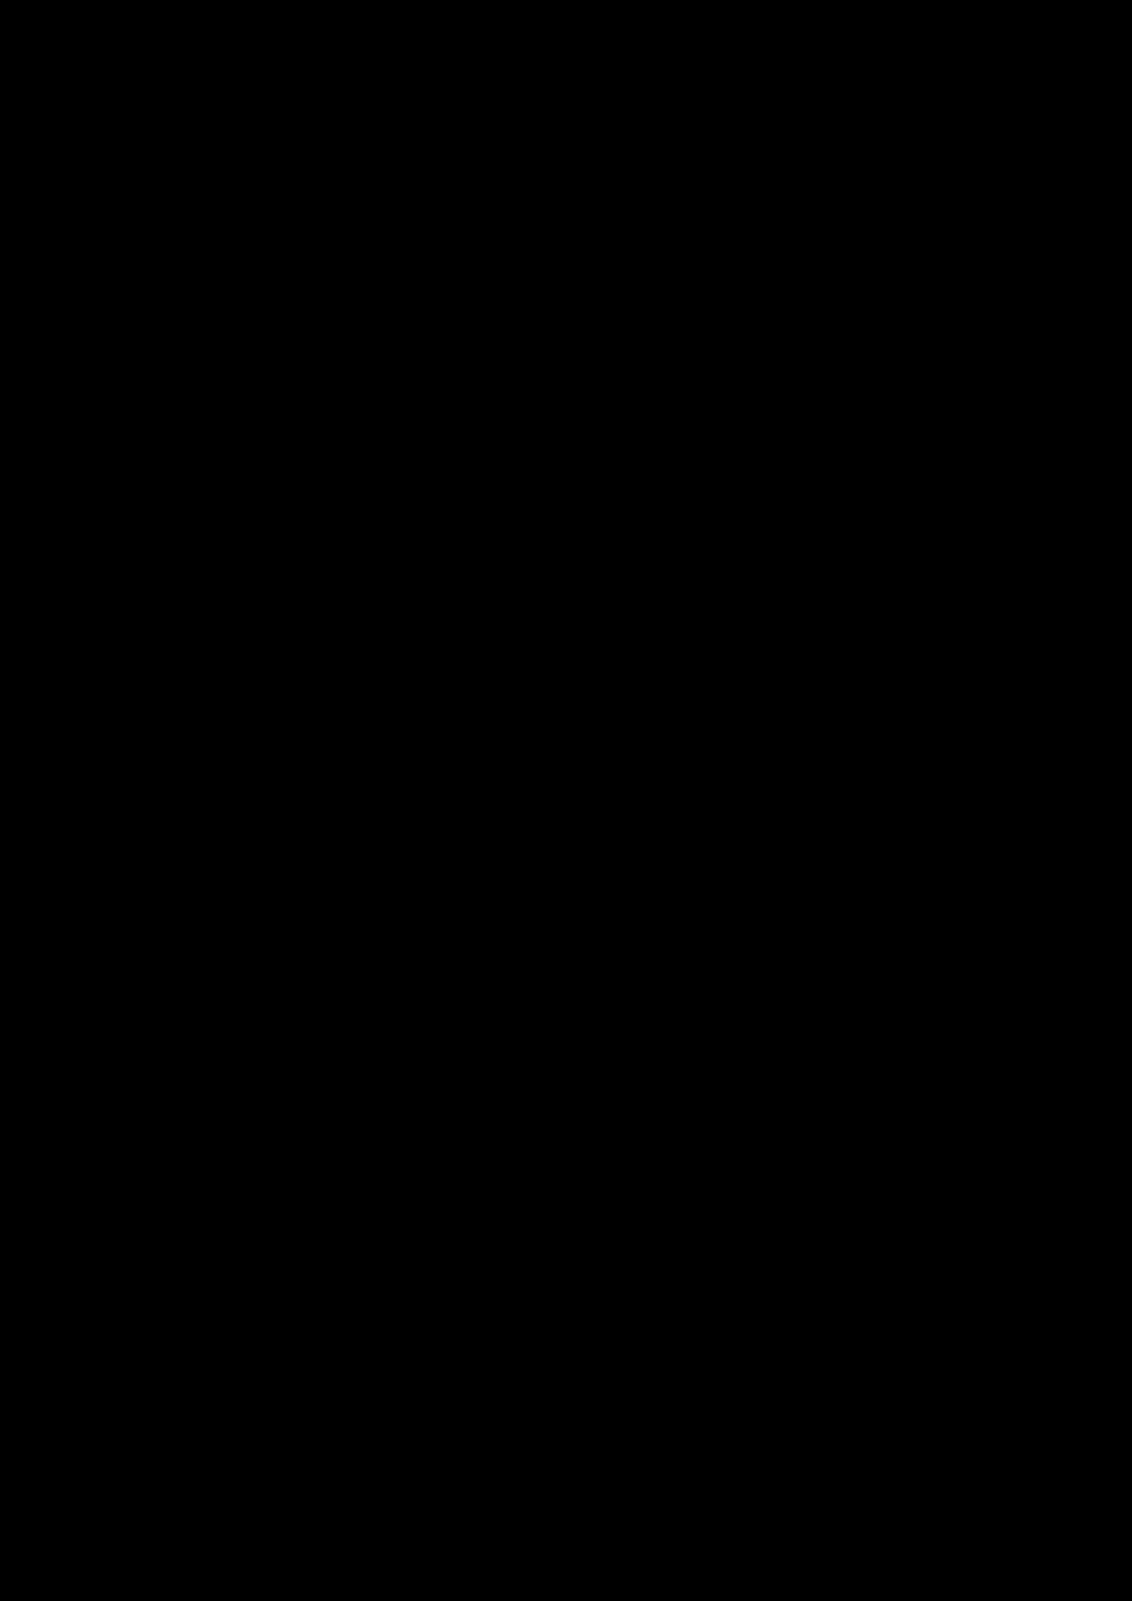 Proschanie s volshebnoy stranoy slide, Image 94